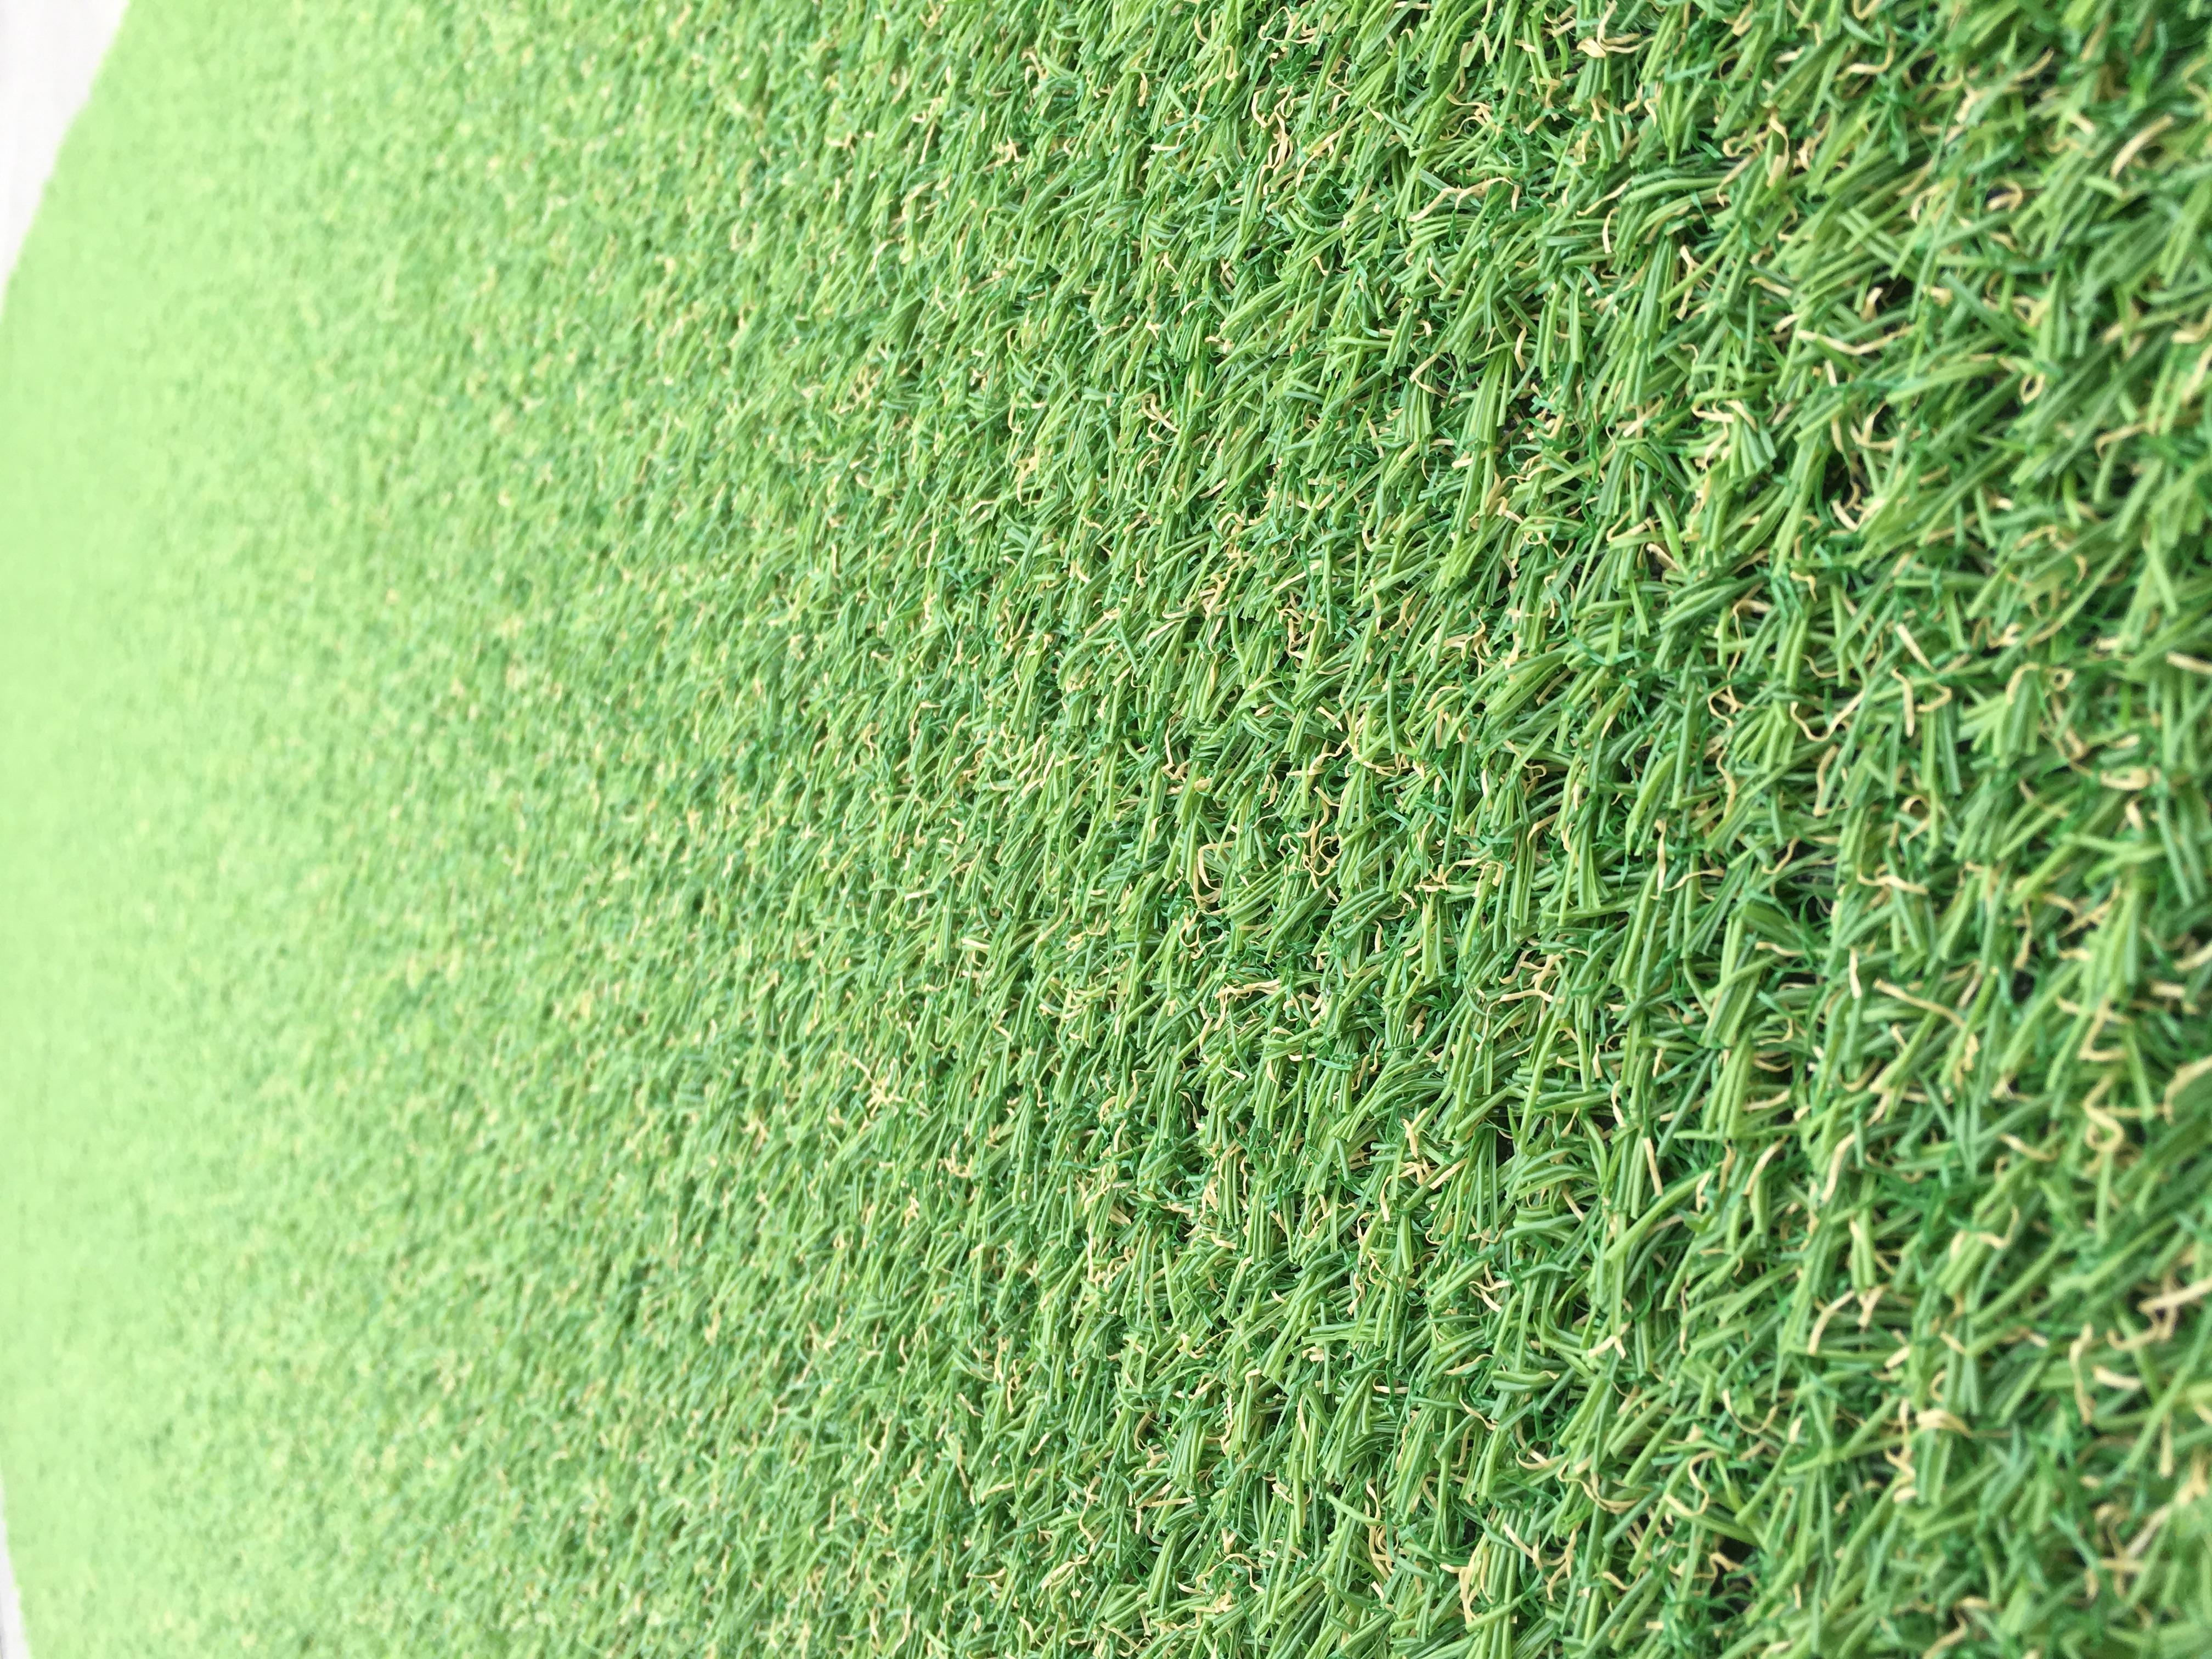 Covor Iarba Artificiala, Tip Gazon, Verde, Natura, 100% Polipropilena, 10 mm, 300x400 cm4